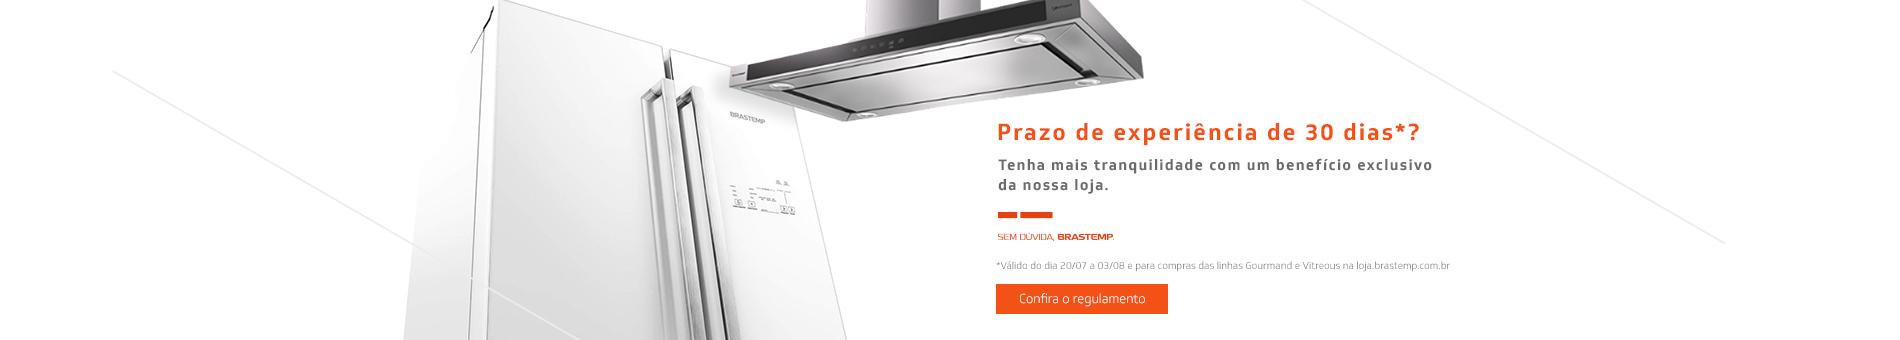 Promoção Interna - 2131 - camp-brastemp_desistencia_20072017_home8 - desistencia - 8